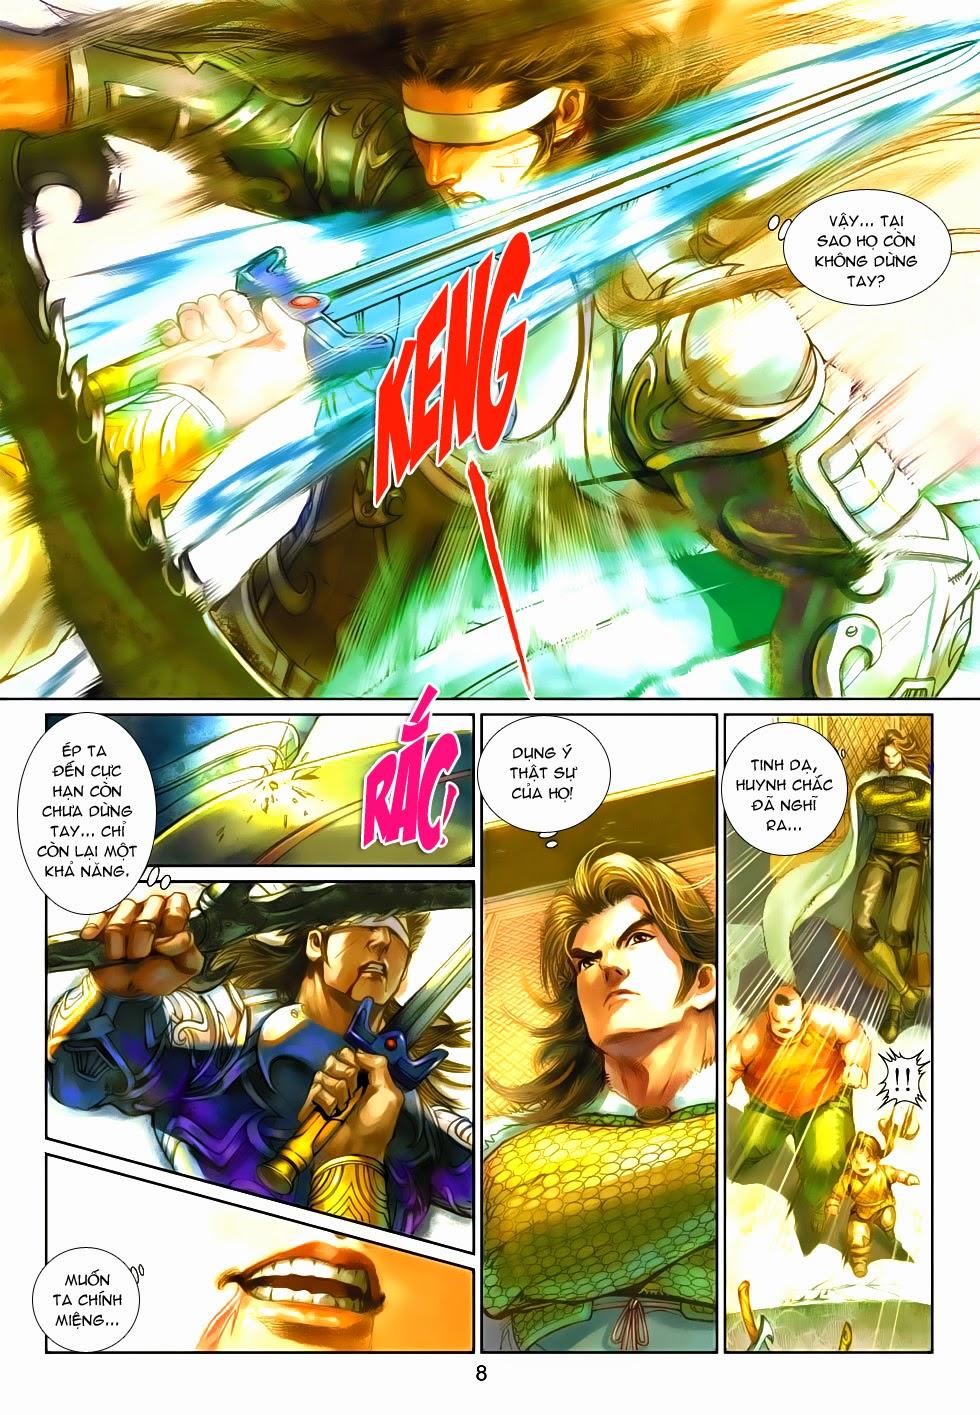 Thần Binh Tiền Truyện 4 - Huyền Thiên Tà Đế chap 9 - Trang 8